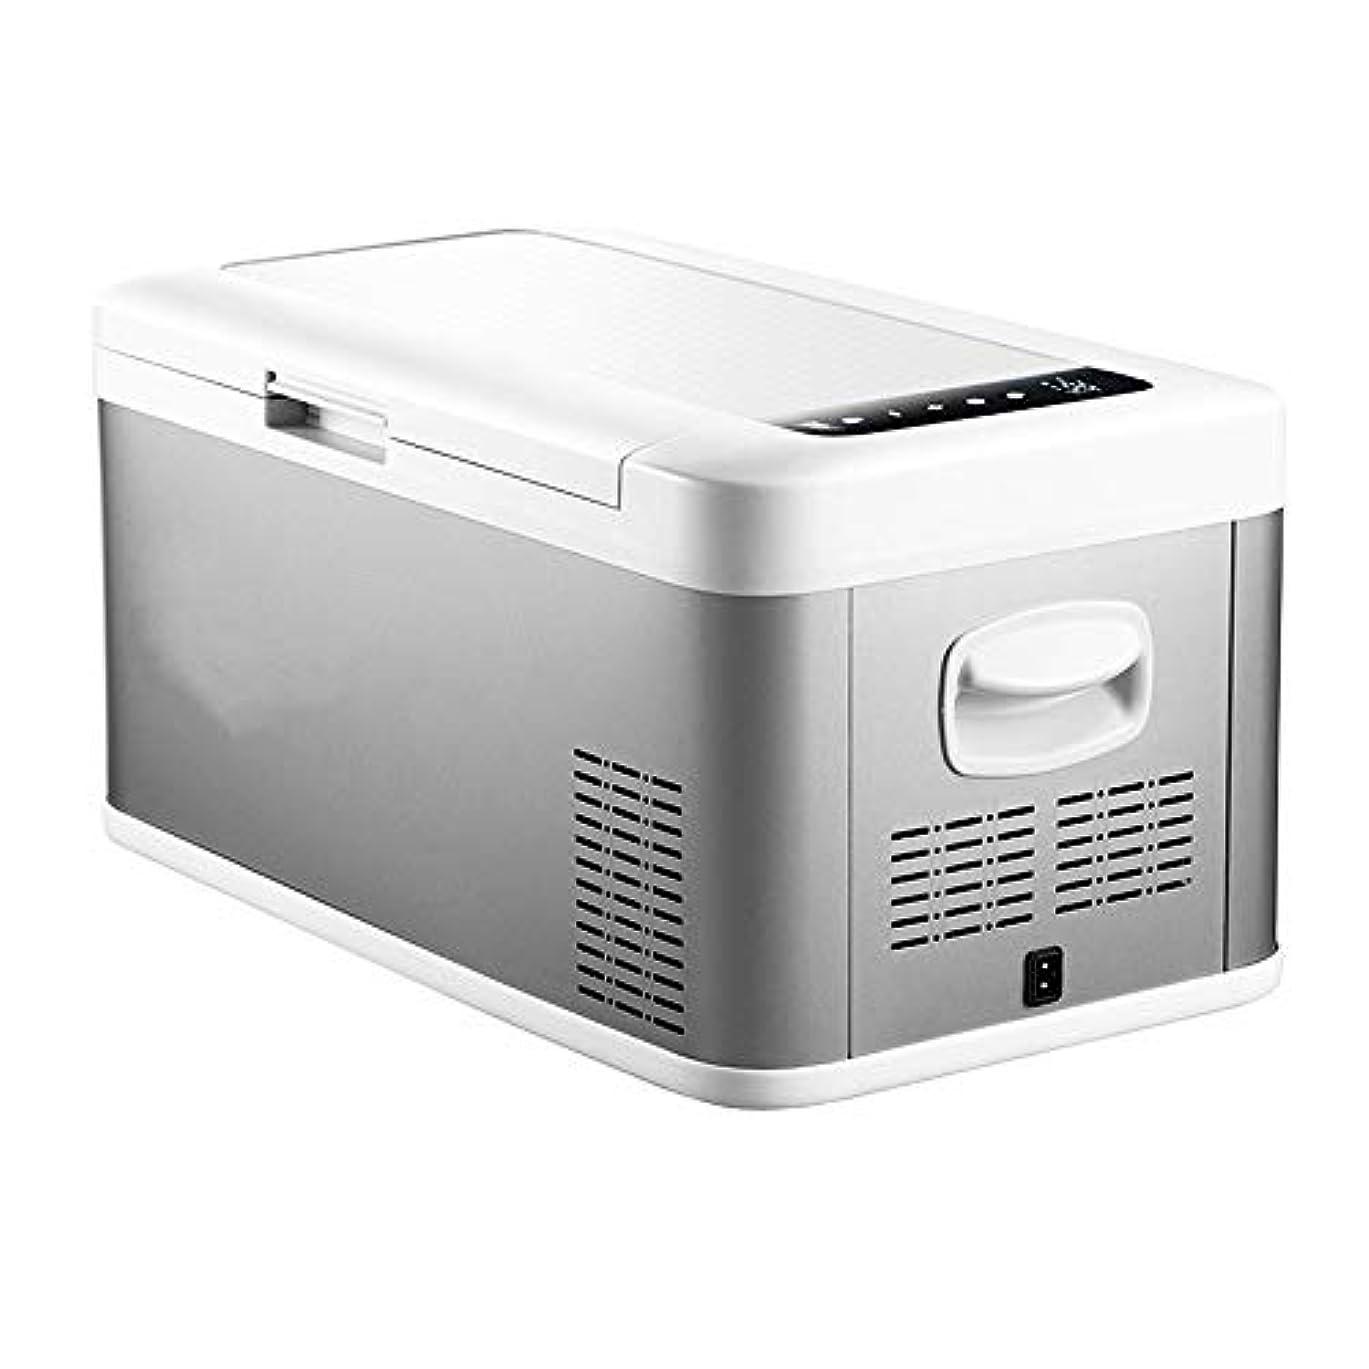 隔離レキシコンパール車の冷蔵庫 ホーム旅行のハイキングのために18Lの車のミニ冷蔵庫ポータブルクーラー冷蔵庫 キャンプバーベキュー用 (Color : Silver, Size : 58X33X29CM)